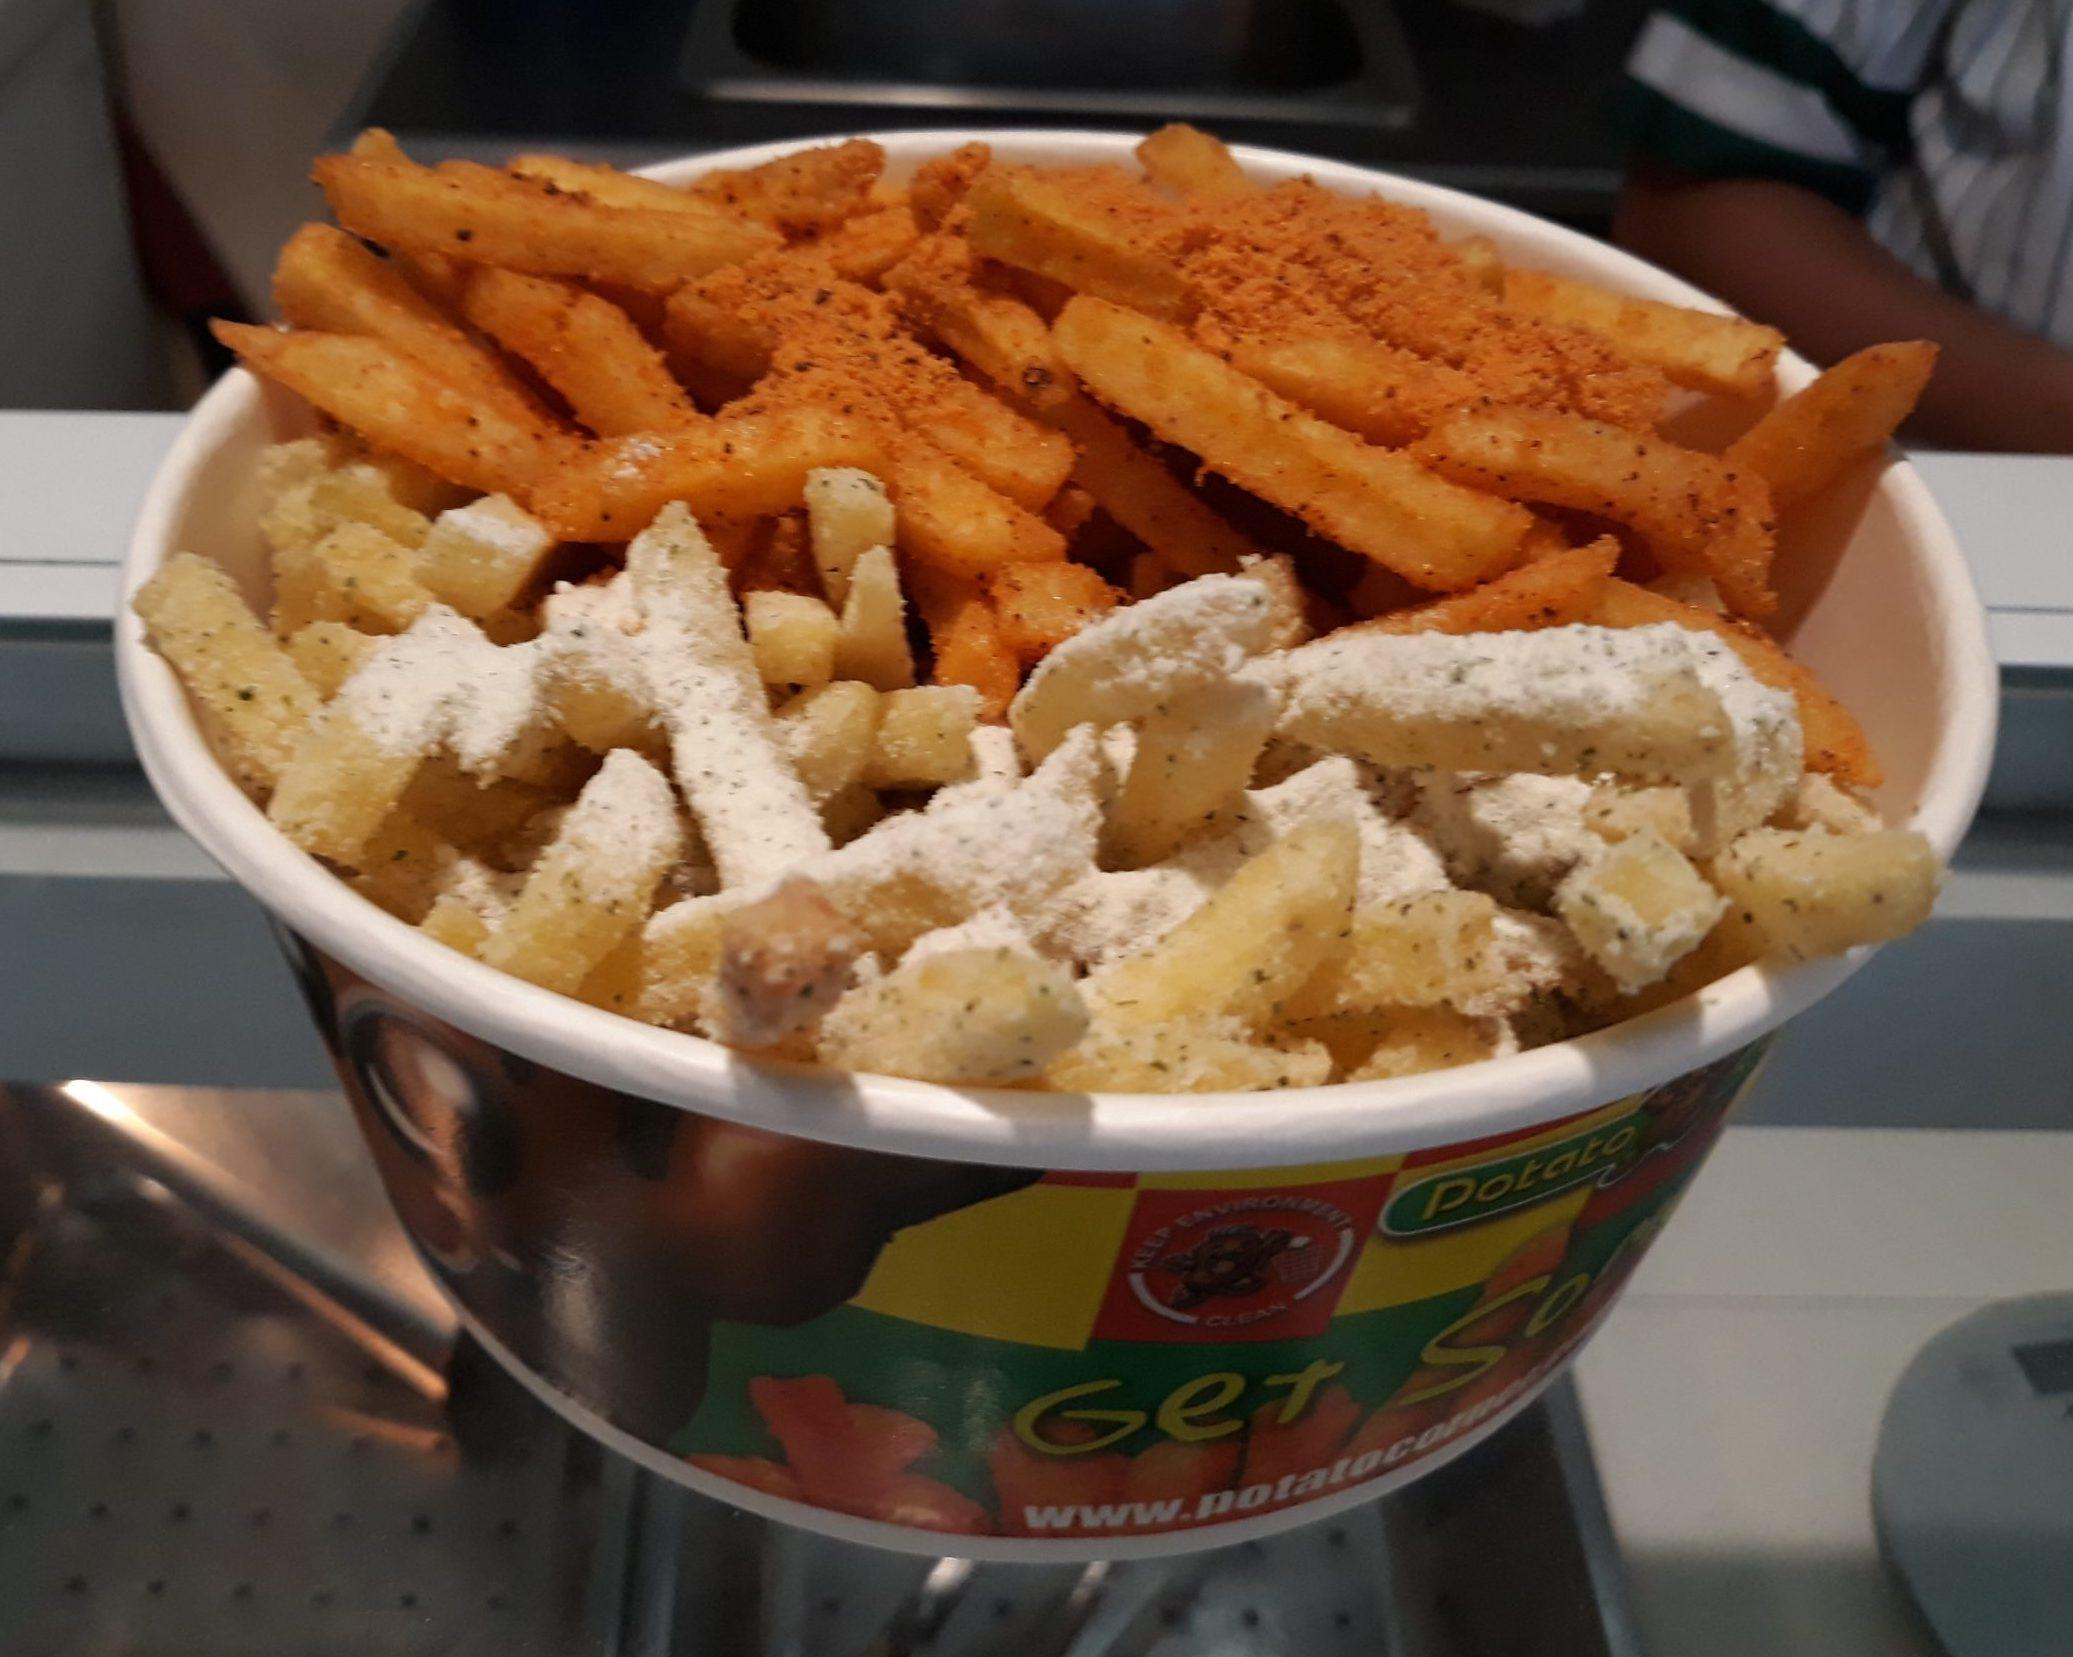 Yummy Potato Corner Fries up close.